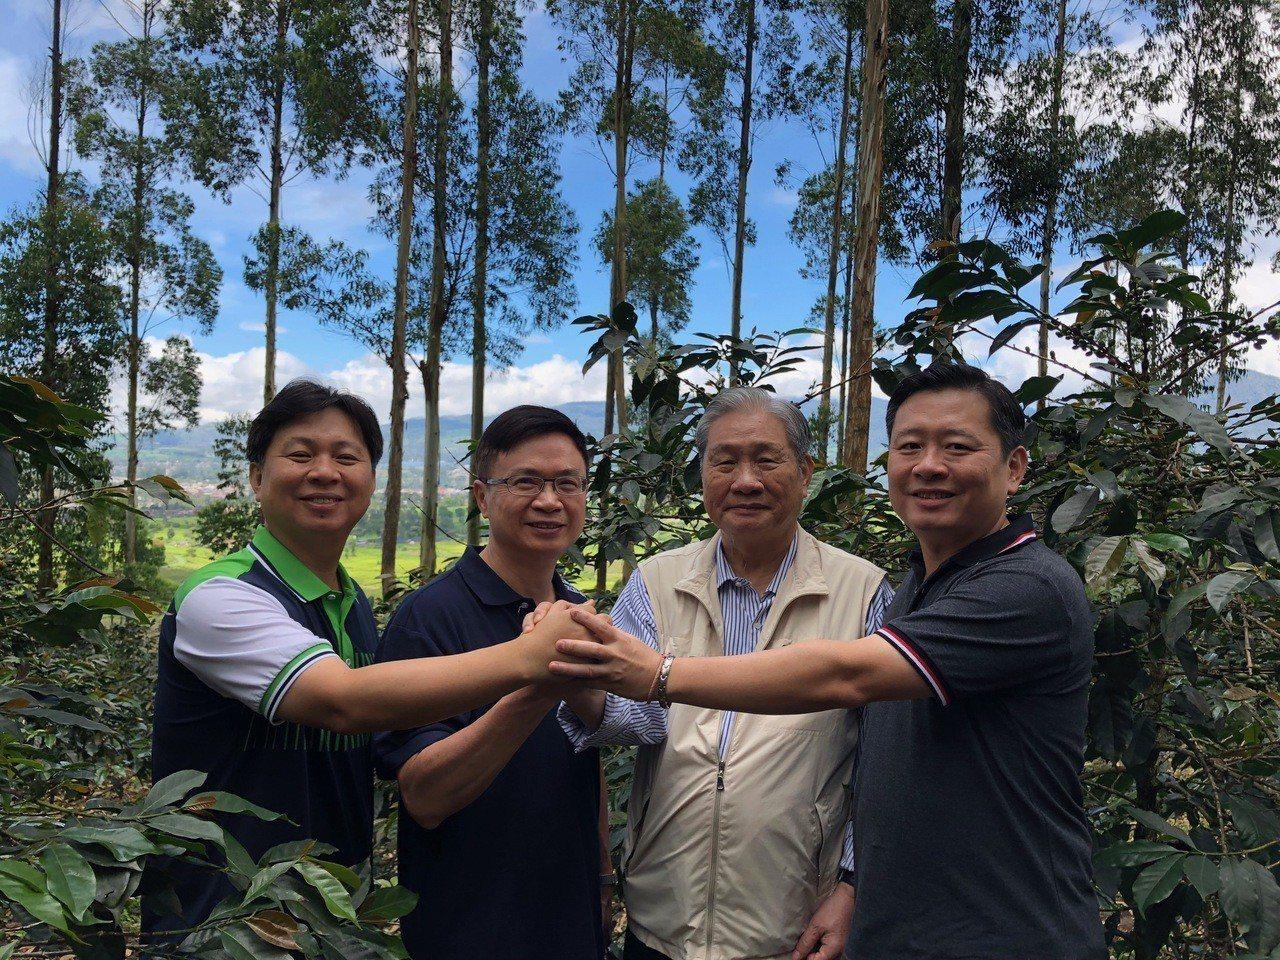 印尼萬隆台商柯氏集團父子經營的金色百林莊園,連年獲得印尼最佳咖啡莊園的榮譽,左起...